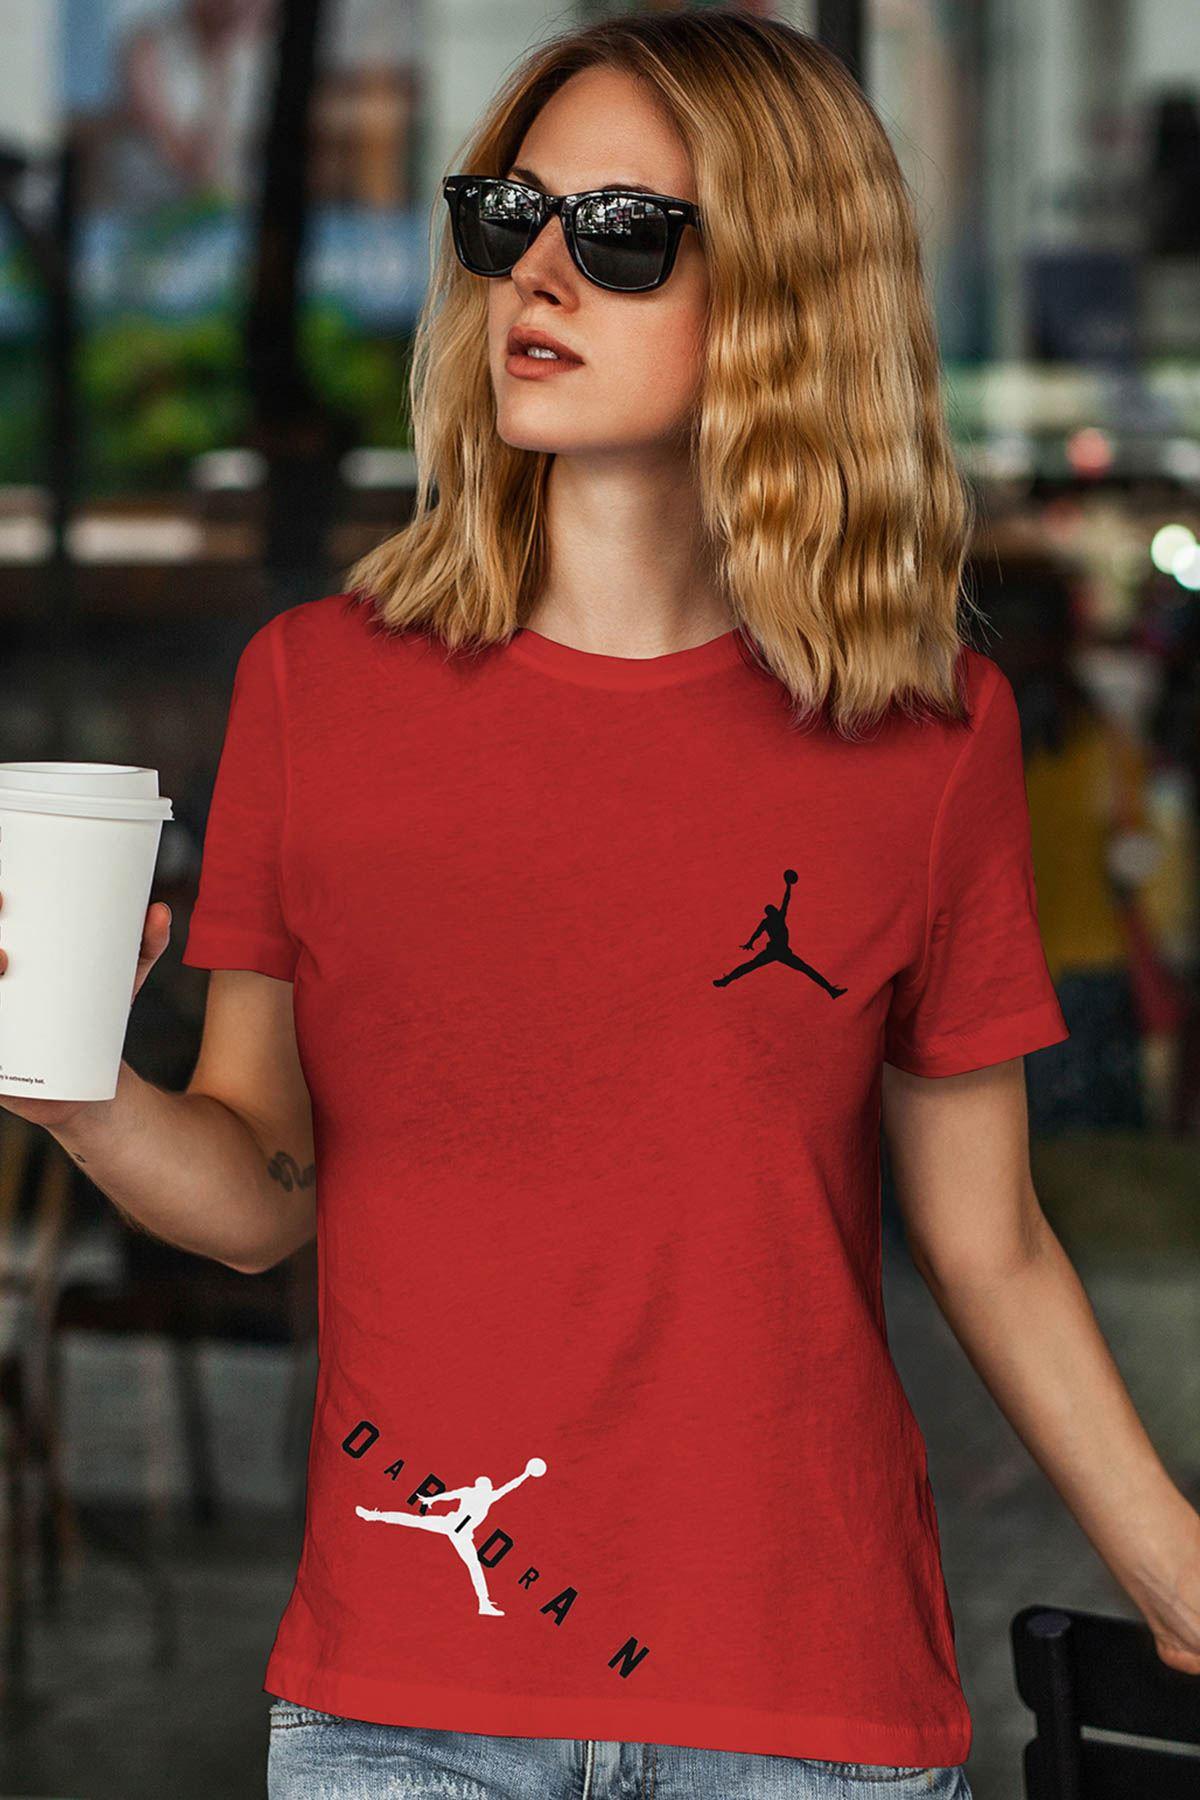 Air Jordan 23 Kırmızı NBA Kadın Tshirt - Tişört